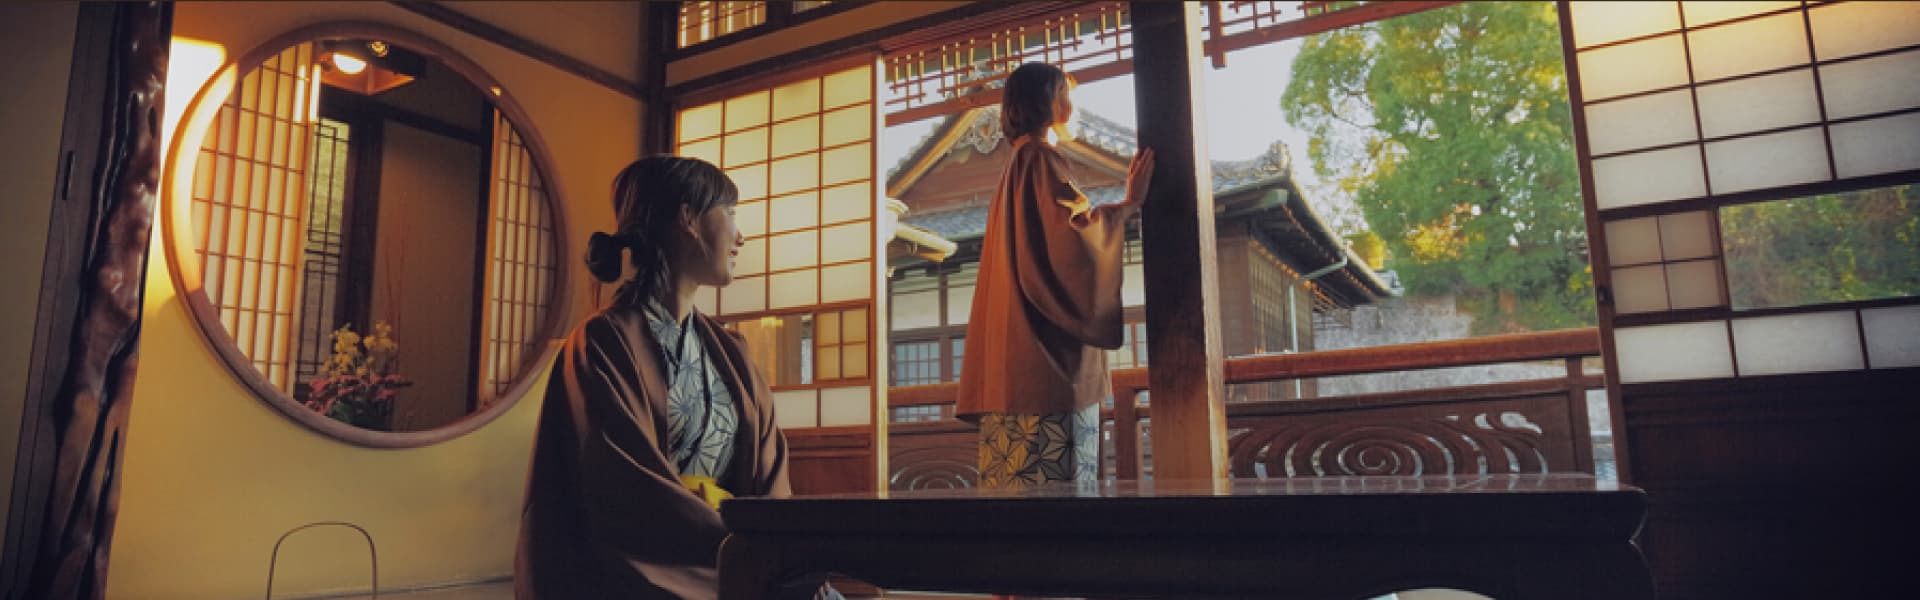 松山市の楽しみ方6選